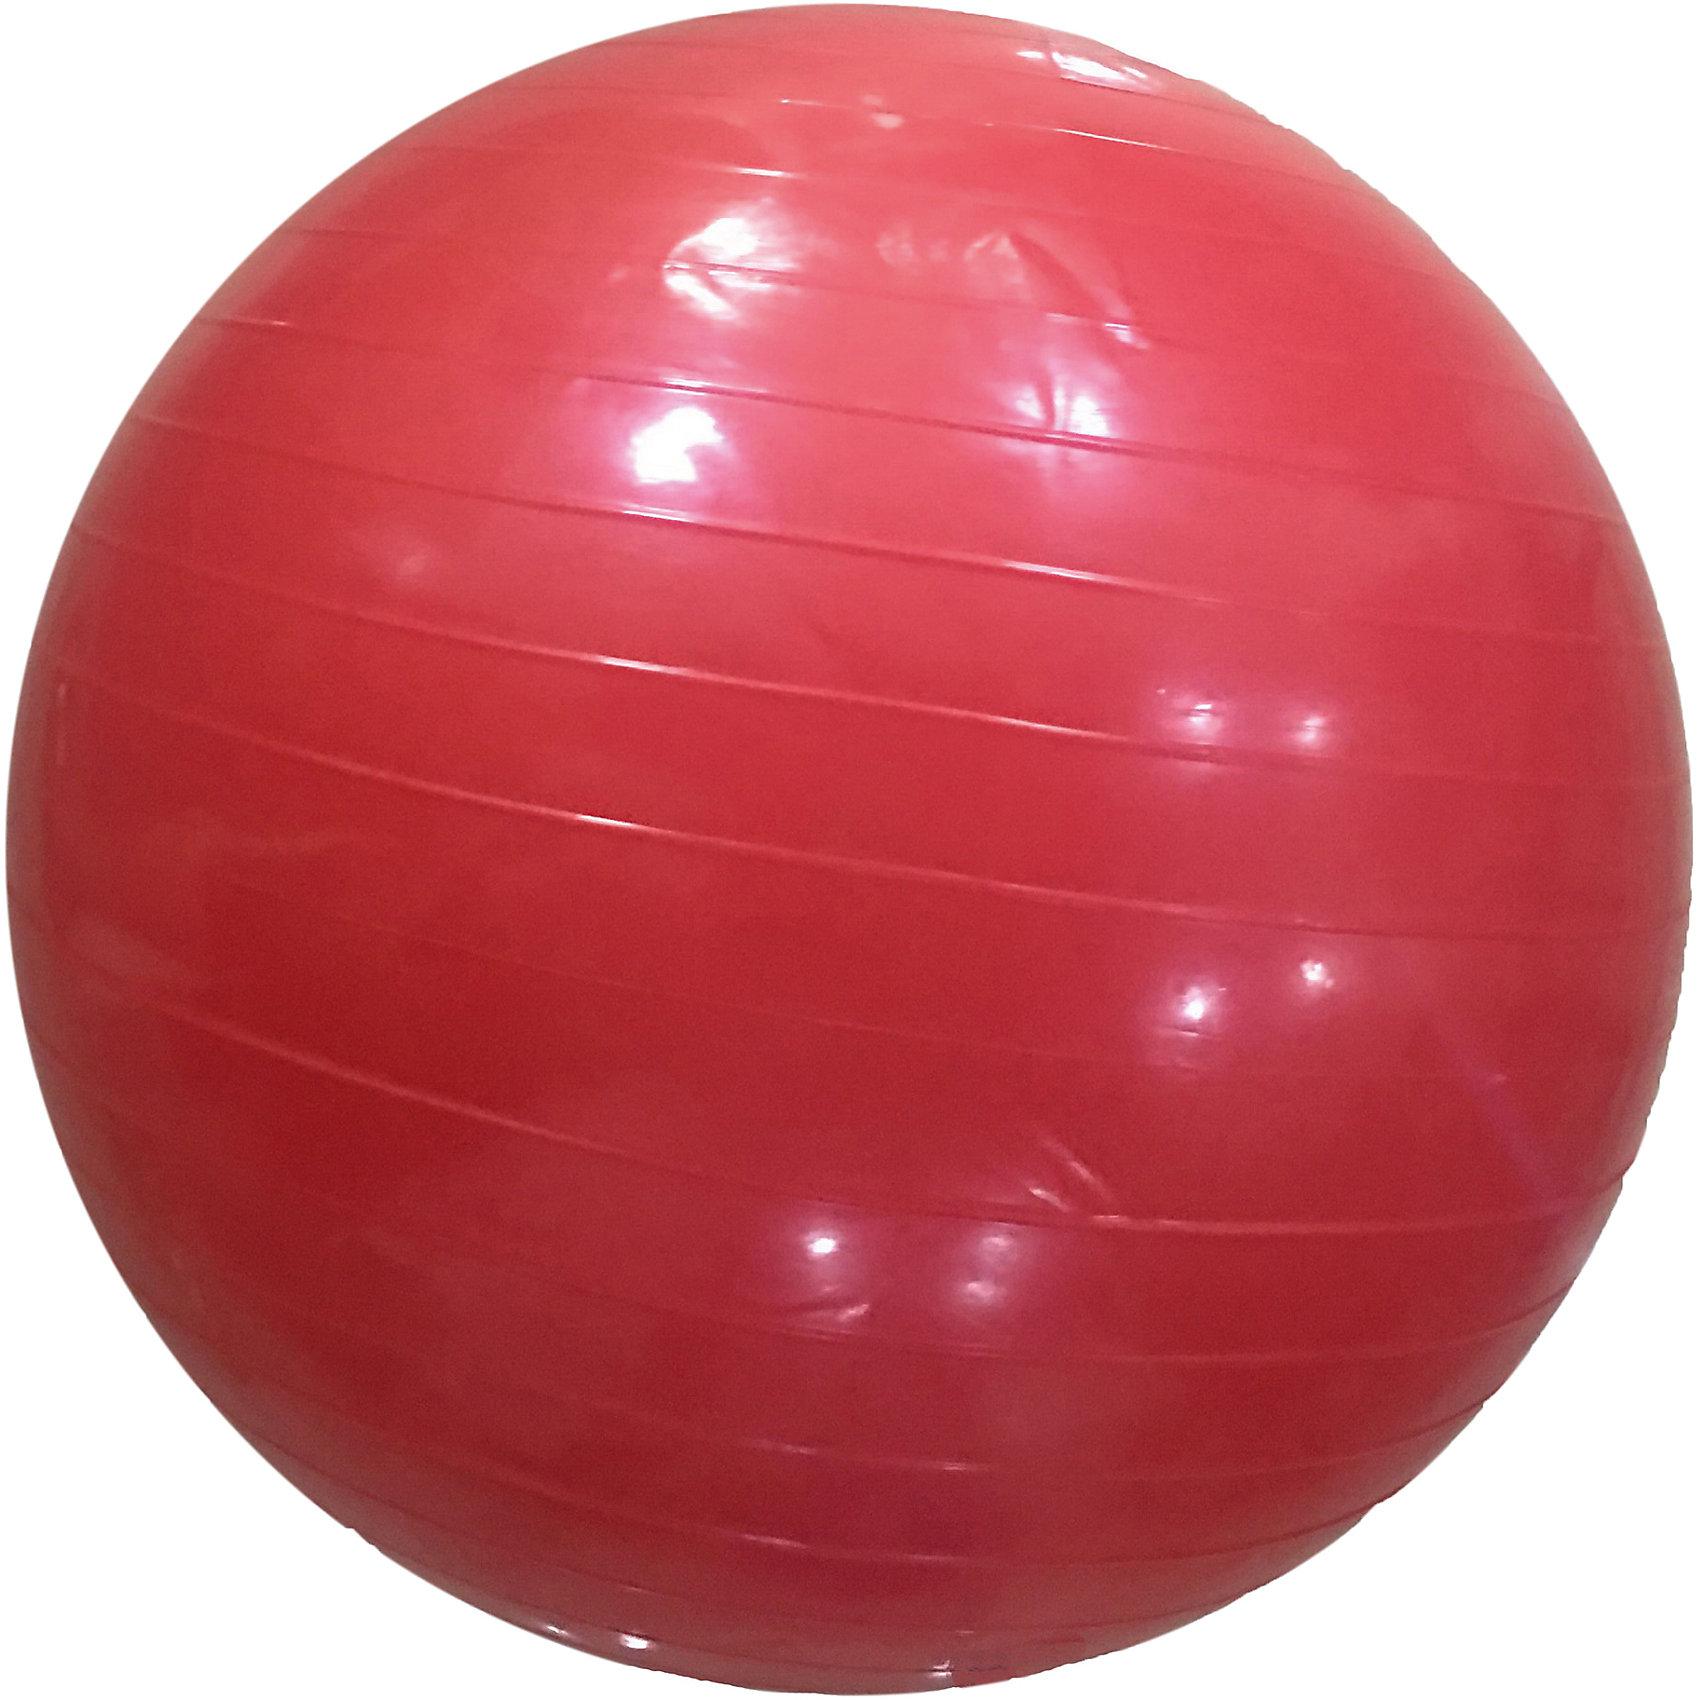 Гимнастический мяч,  диам. 56 см, Z-SportsТренажёры<br>Основные характеристики<br><br>Тип: гимнастический <br>Материал: поливинилхлорид<br>Диаметр: 55см<br>Вес: 0,88кг<br>Цвет: коралловый<br>Максимальный вес пользователя: 60кг<br>Страна-производитель: Китай<br>Упаковка: индивидуальная цветная коробка<br><br>Является универсальным тренажером для всех групп мышц, помогает развить гибкость, исправить осанку, снимает чувство усталости в спине.<br>Незаменим на занятиях фитнесом и физкультурой. Главная функция мяча — снять нагрузку с позвоночника и разгрузить суставы. Именно упражнения с применением гимнастических мячей способны тренировать спину и улучшать осанку, бороться с искривлениями позвоночника, в особенности у детей и подростков. Гимнастические мячи могут использоваться также при массаже новорожденных. <br>Поставляется в сдутом виде.<br><br>Преимущества мяча ВВ-001РК-22:<br>- способствует развитию и укреплению мышц спины, пресса, ног и рук;<br>- используются при занятиях гимнастикой, аэробикой, фитнесом;<br>- способствуют восстановлению мышечных функций и улучшению здоровья в целом.<br><br>Ширина мм: 90<br>Глубина мм: 210<br>Высота мм: 260<br>Вес г: 875<br>Возраст от месяцев: 36<br>Возраст до месяцев: 192<br>Пол: Унисекс<br>Возраст: Детский<br>SKU: 5056641